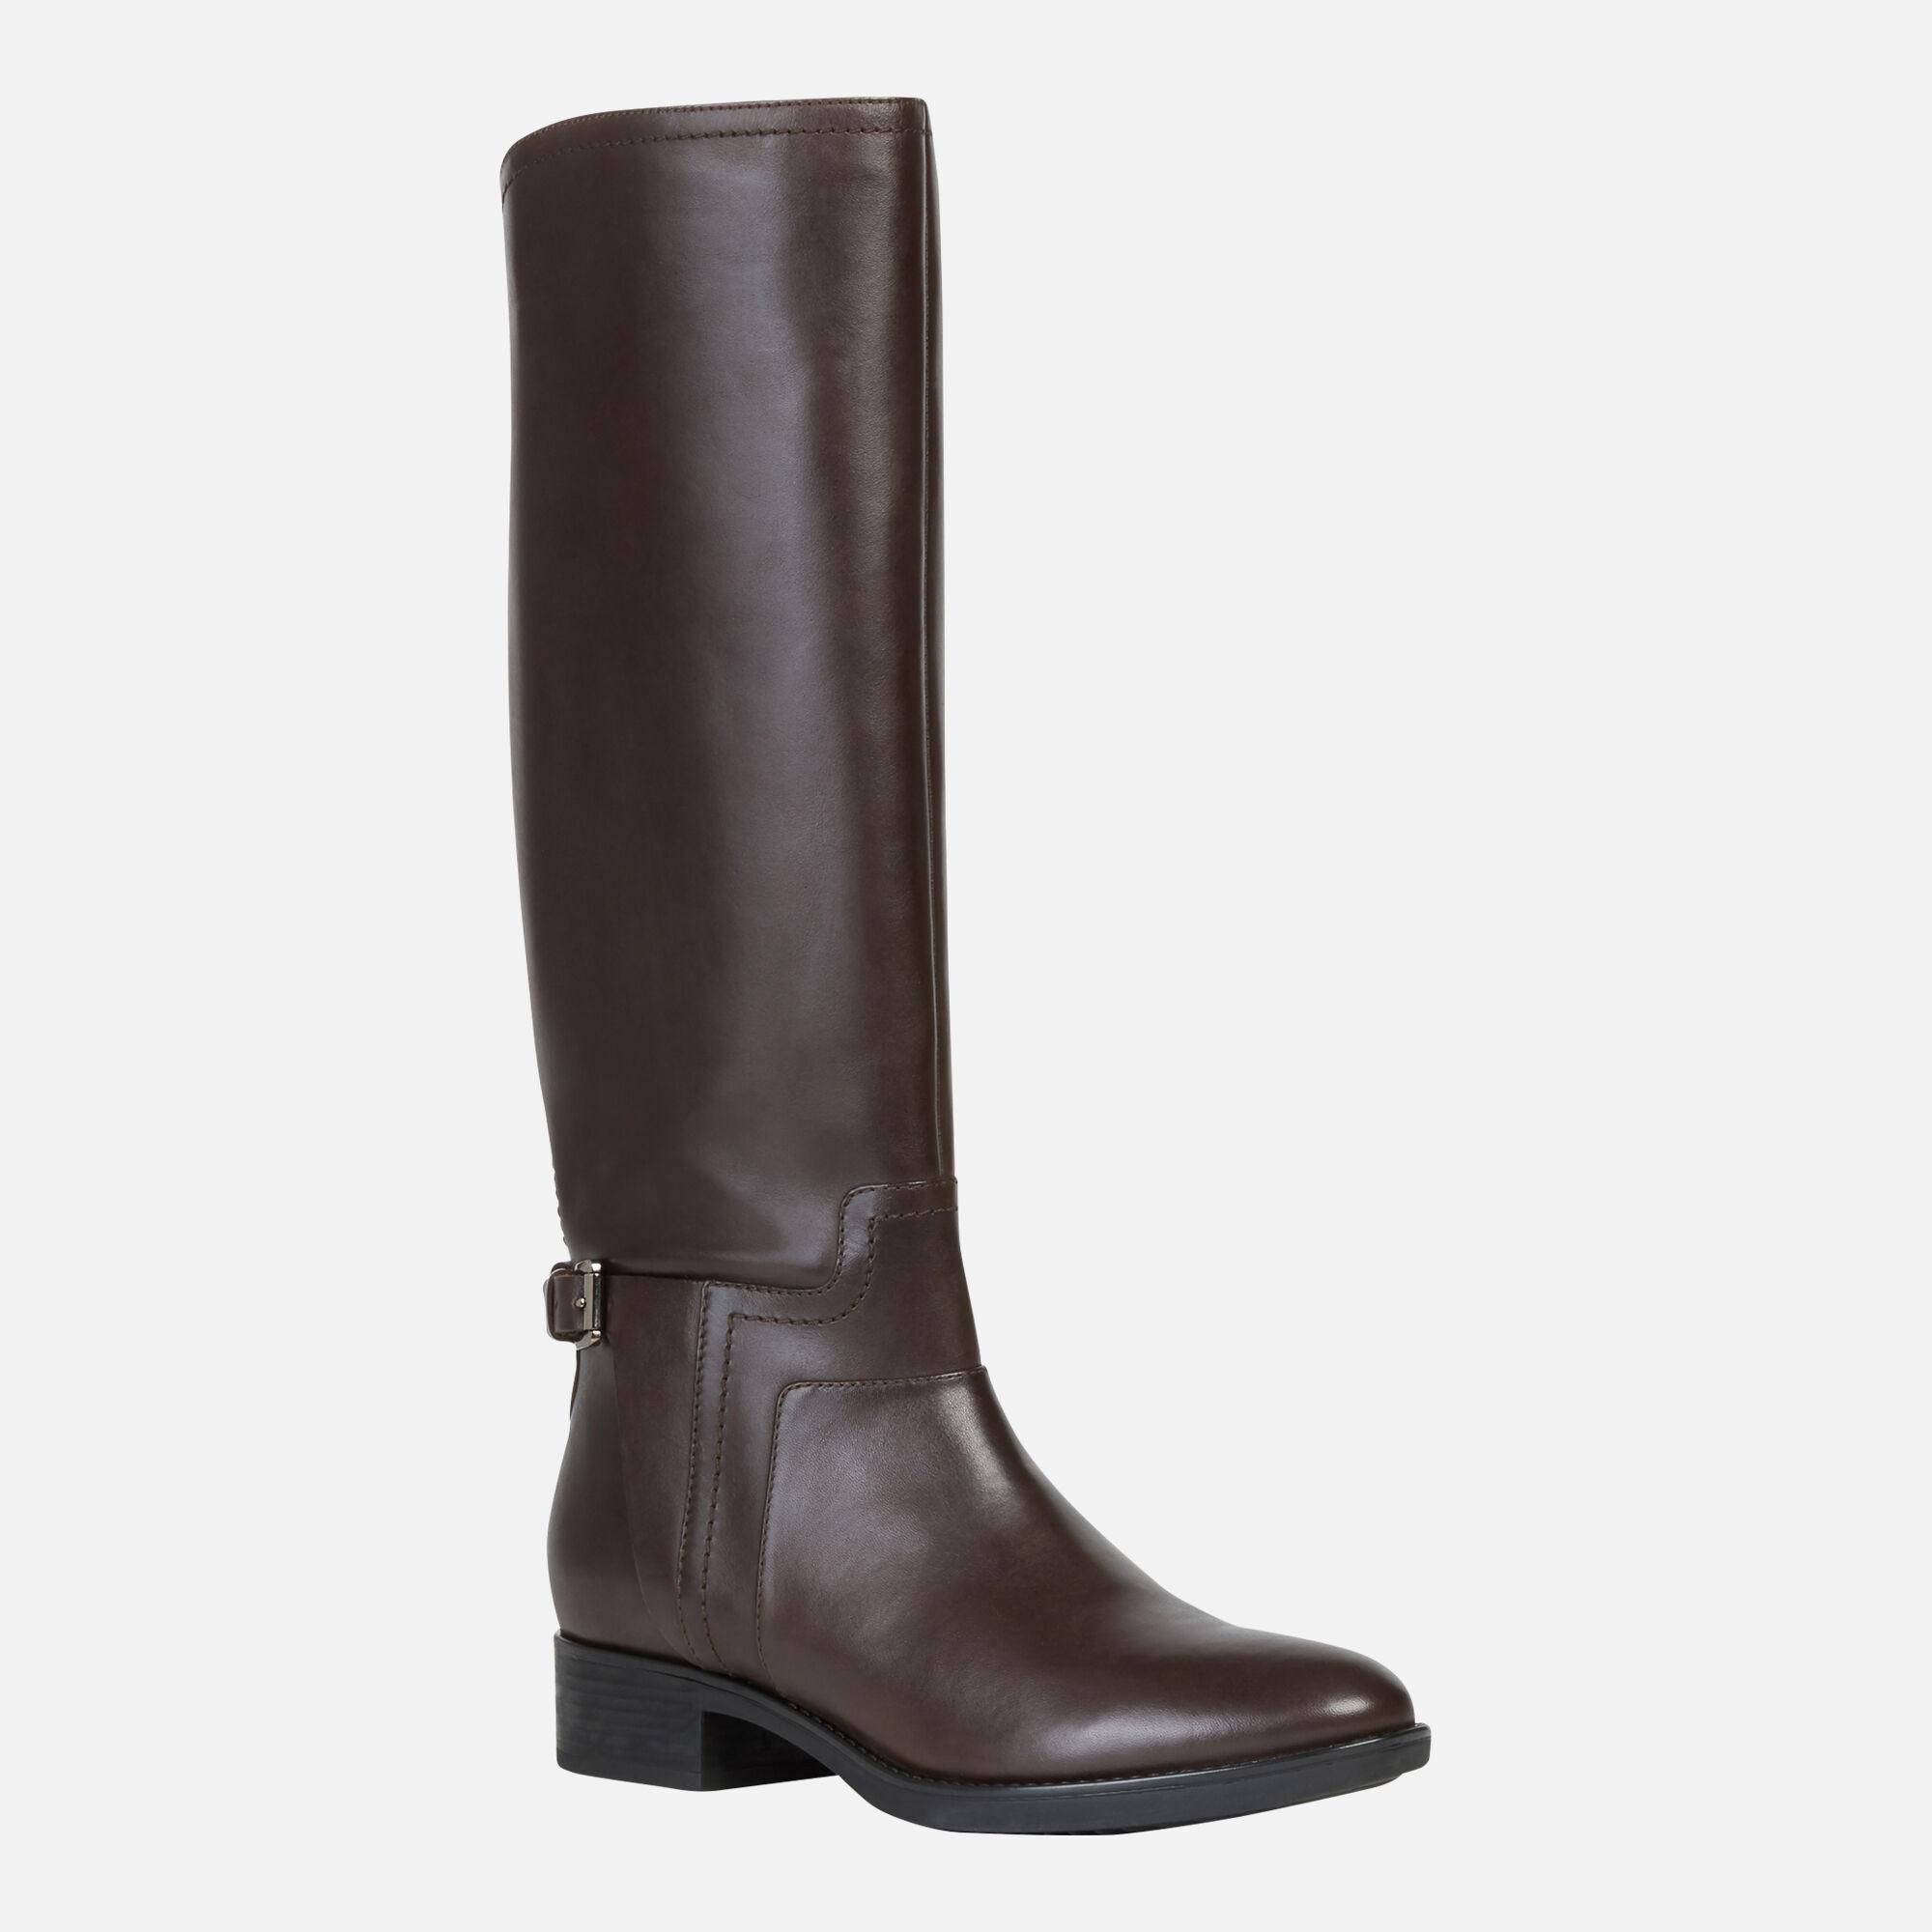 geox knee stivali